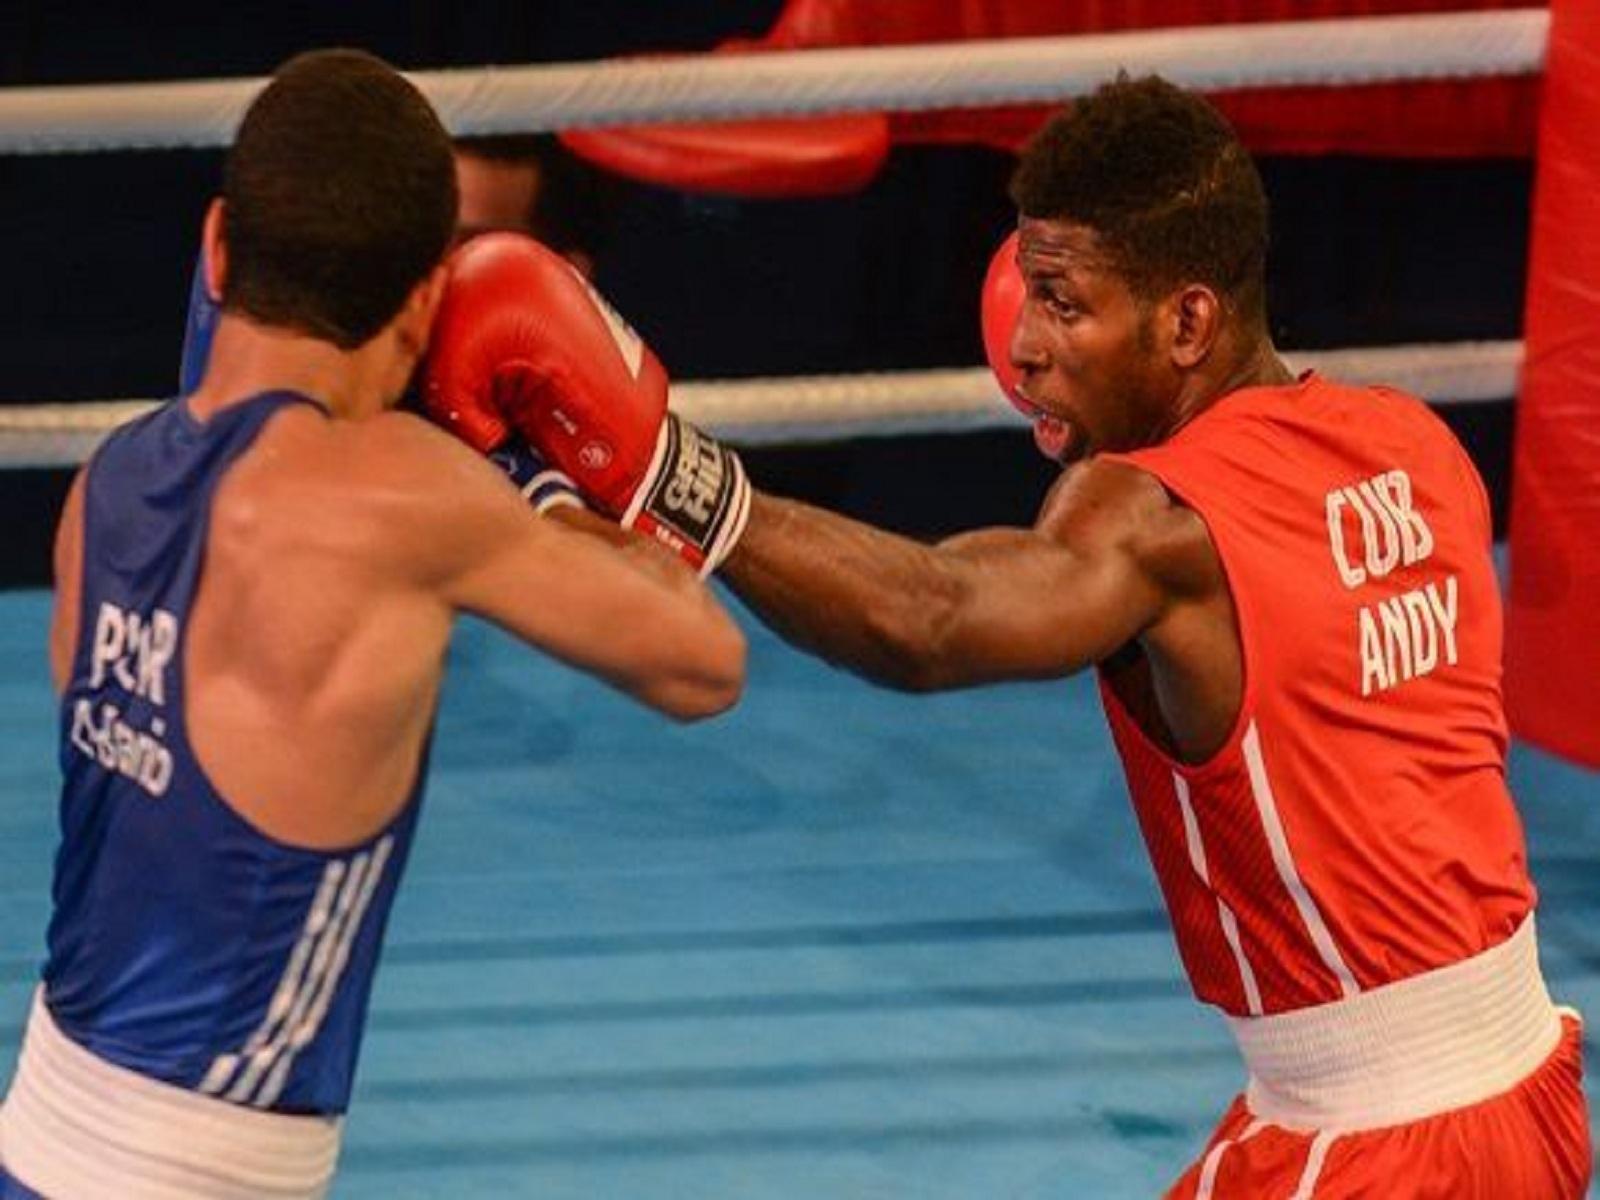 Andy Cruz (rojo), de la división de 64 Kg, ganó el premio a mejor atleta cubano del año, según el INDER. Foto: Marcelino Vázquez/ ACN/ Cubadebate.